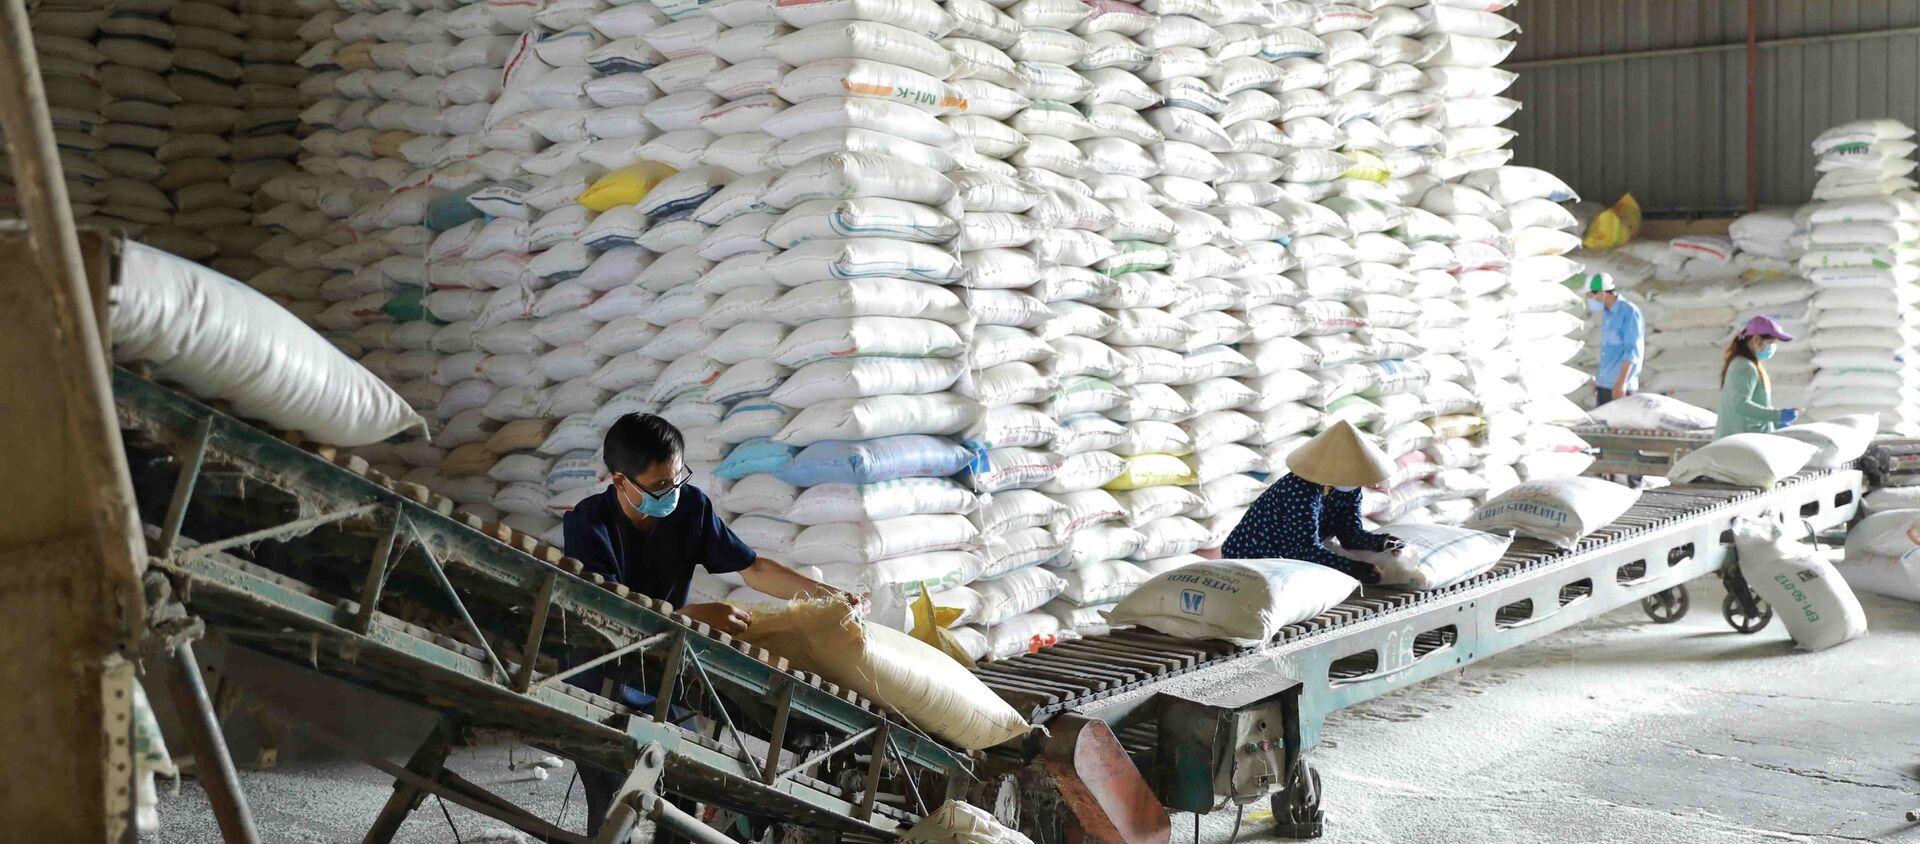 Dây chuyền chế biến, đóng gói gạo thành phẩm tại nhà máy chế biến lương thực Long An (thuộc Tổng công ty Lương thực miền Nam - Vinafood 2). - Sputnik Việt Nam, 1920, 31.05.2021